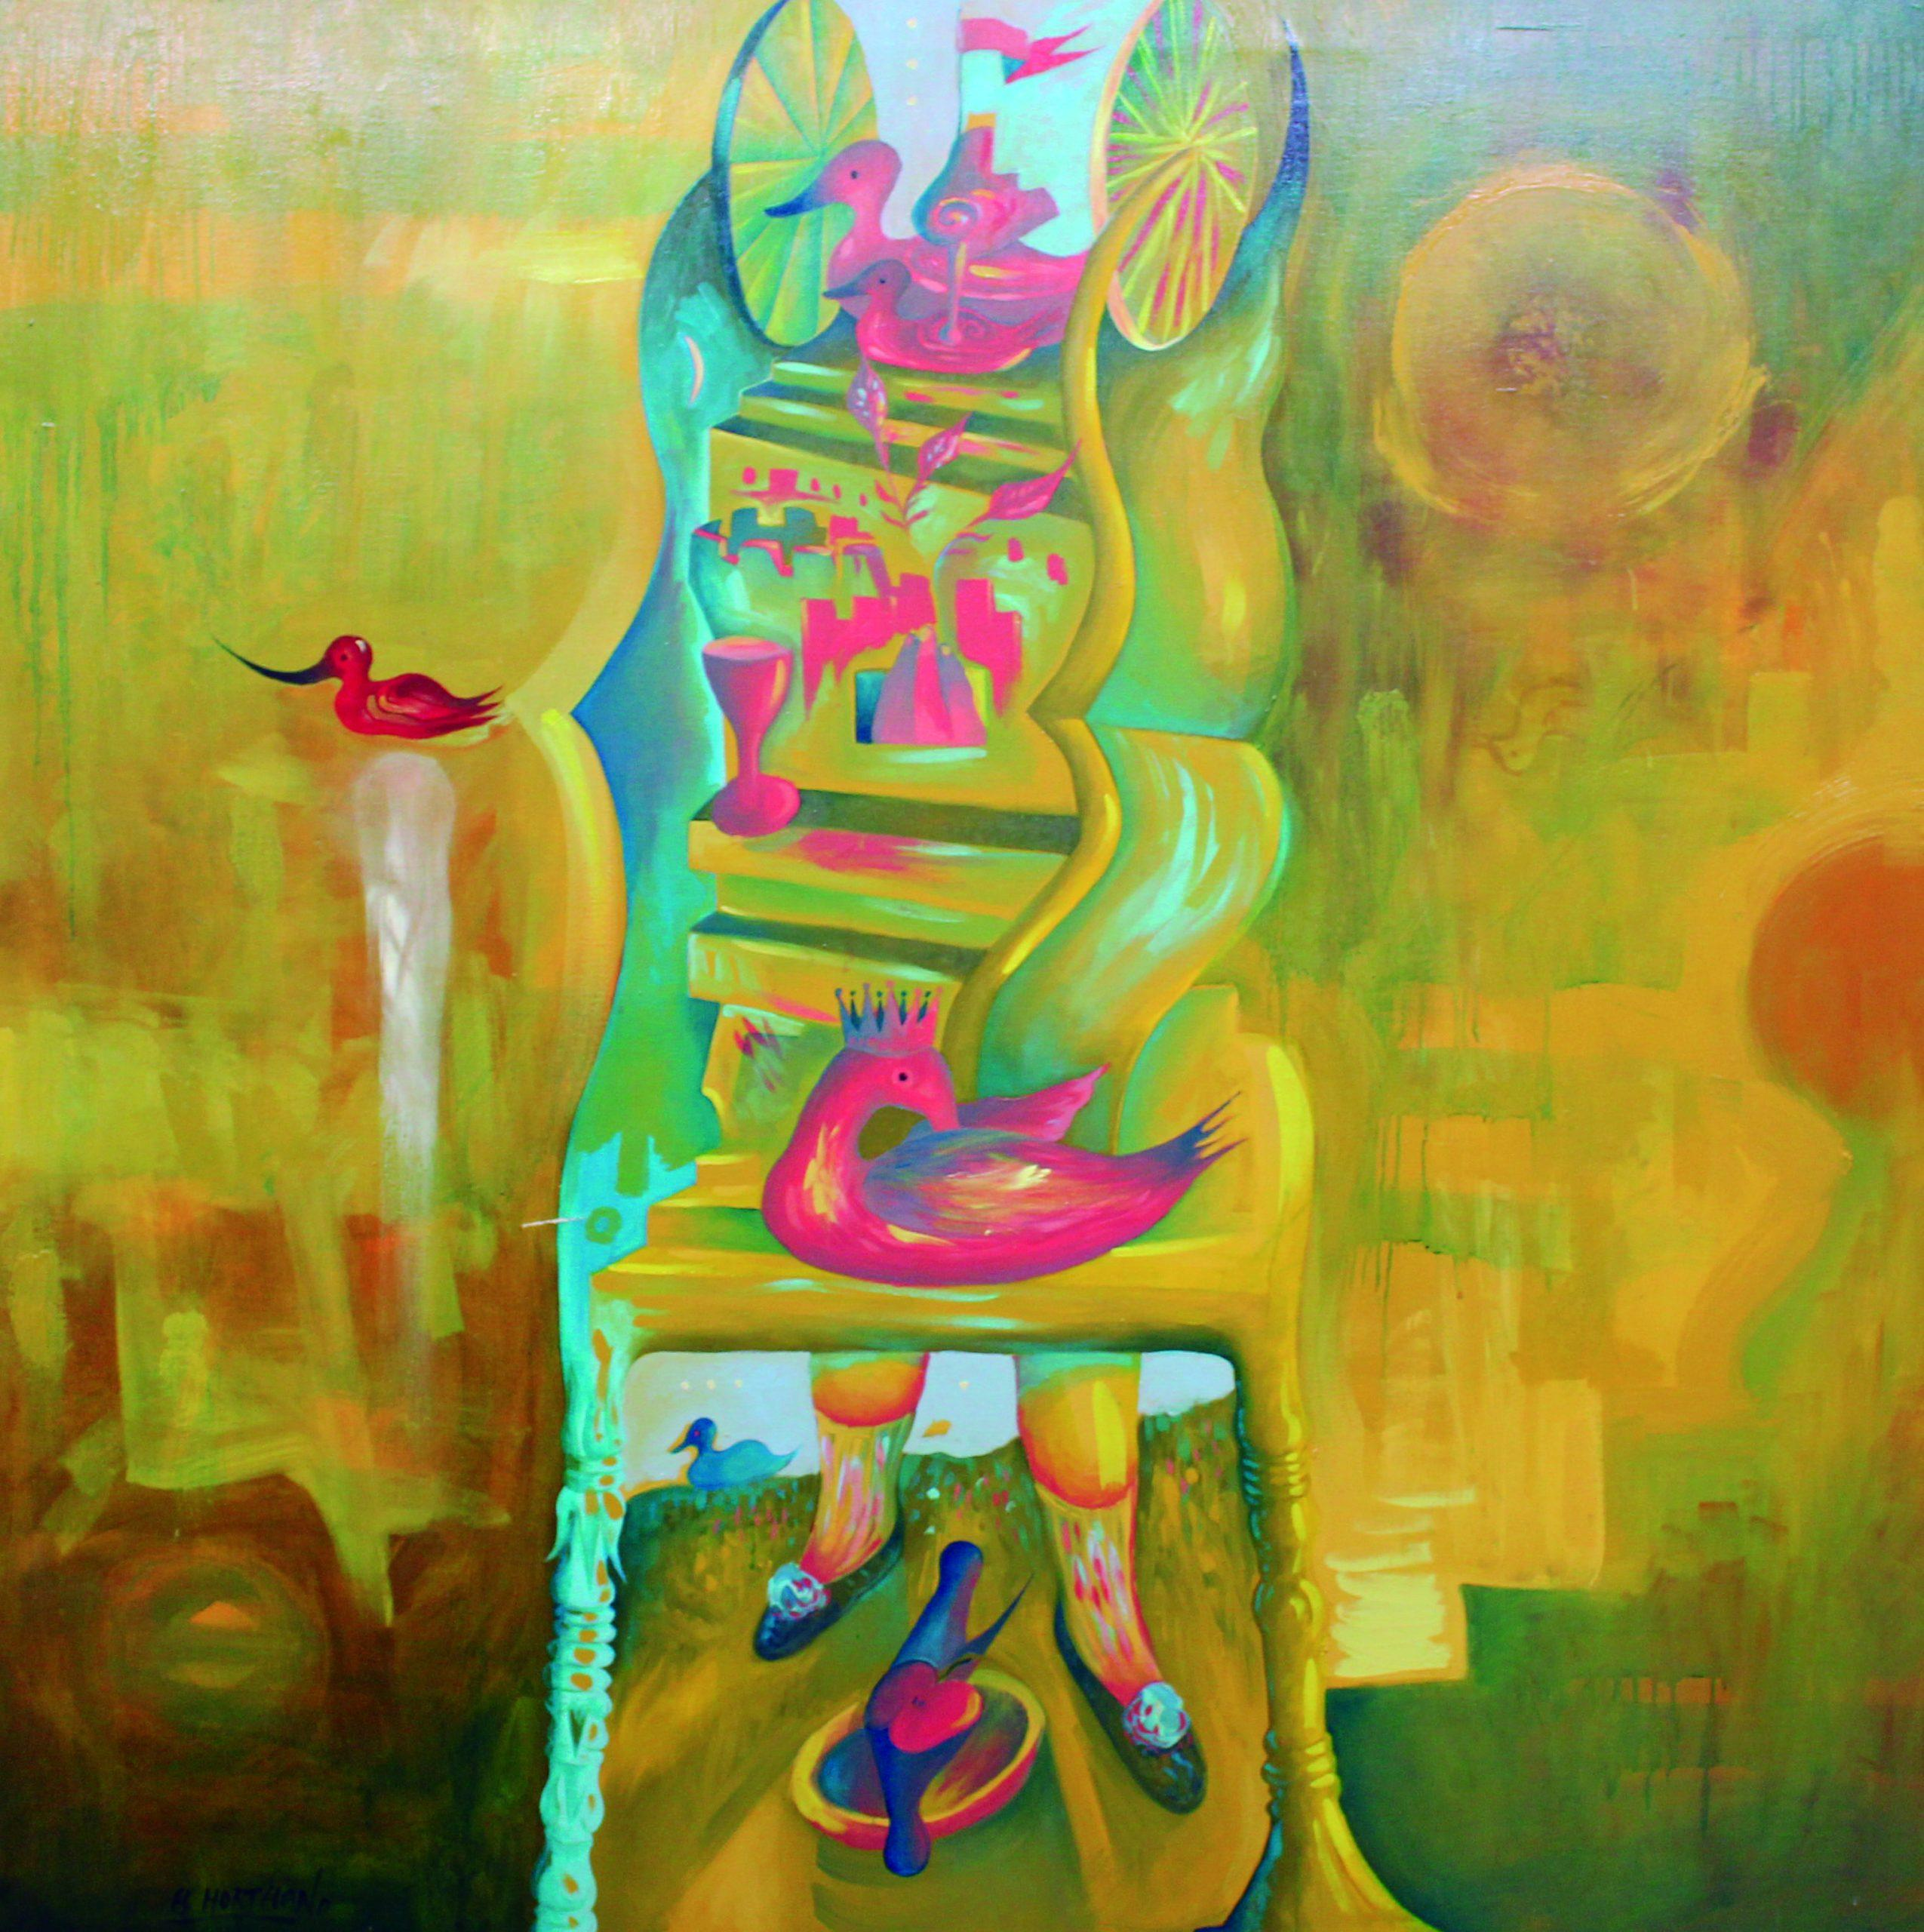 07-EH001 Amuleto Óleo sobre lienzo 152 x 152 cm 1988